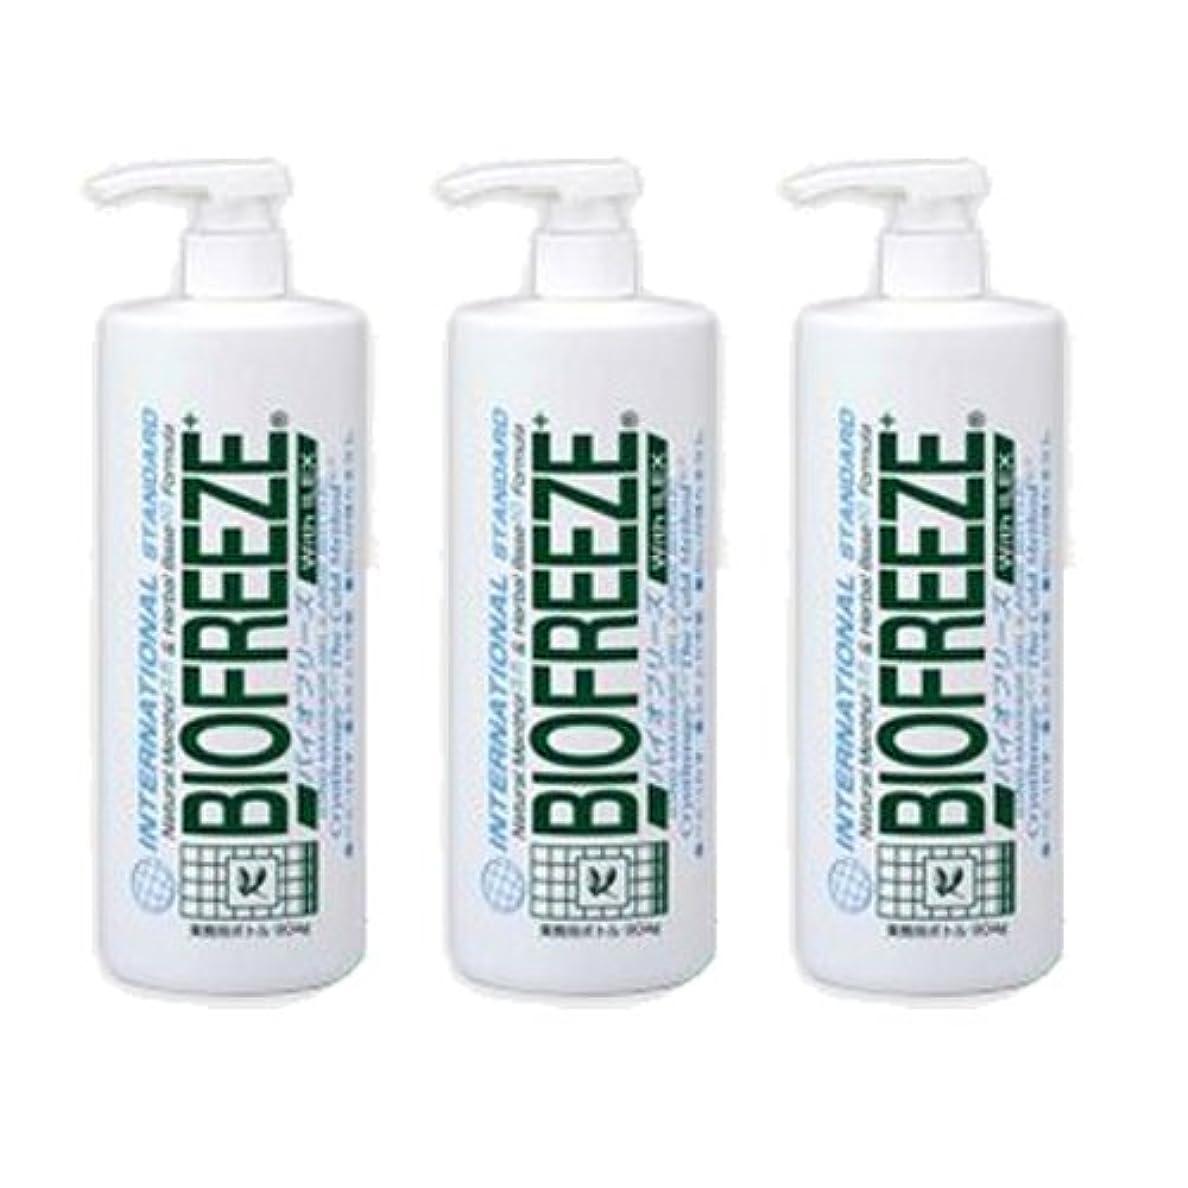 ボックス韓国語共和党バイオフリーズ 業務用ボトルタイプ(904g) アイシングマッサージジェル ×3個